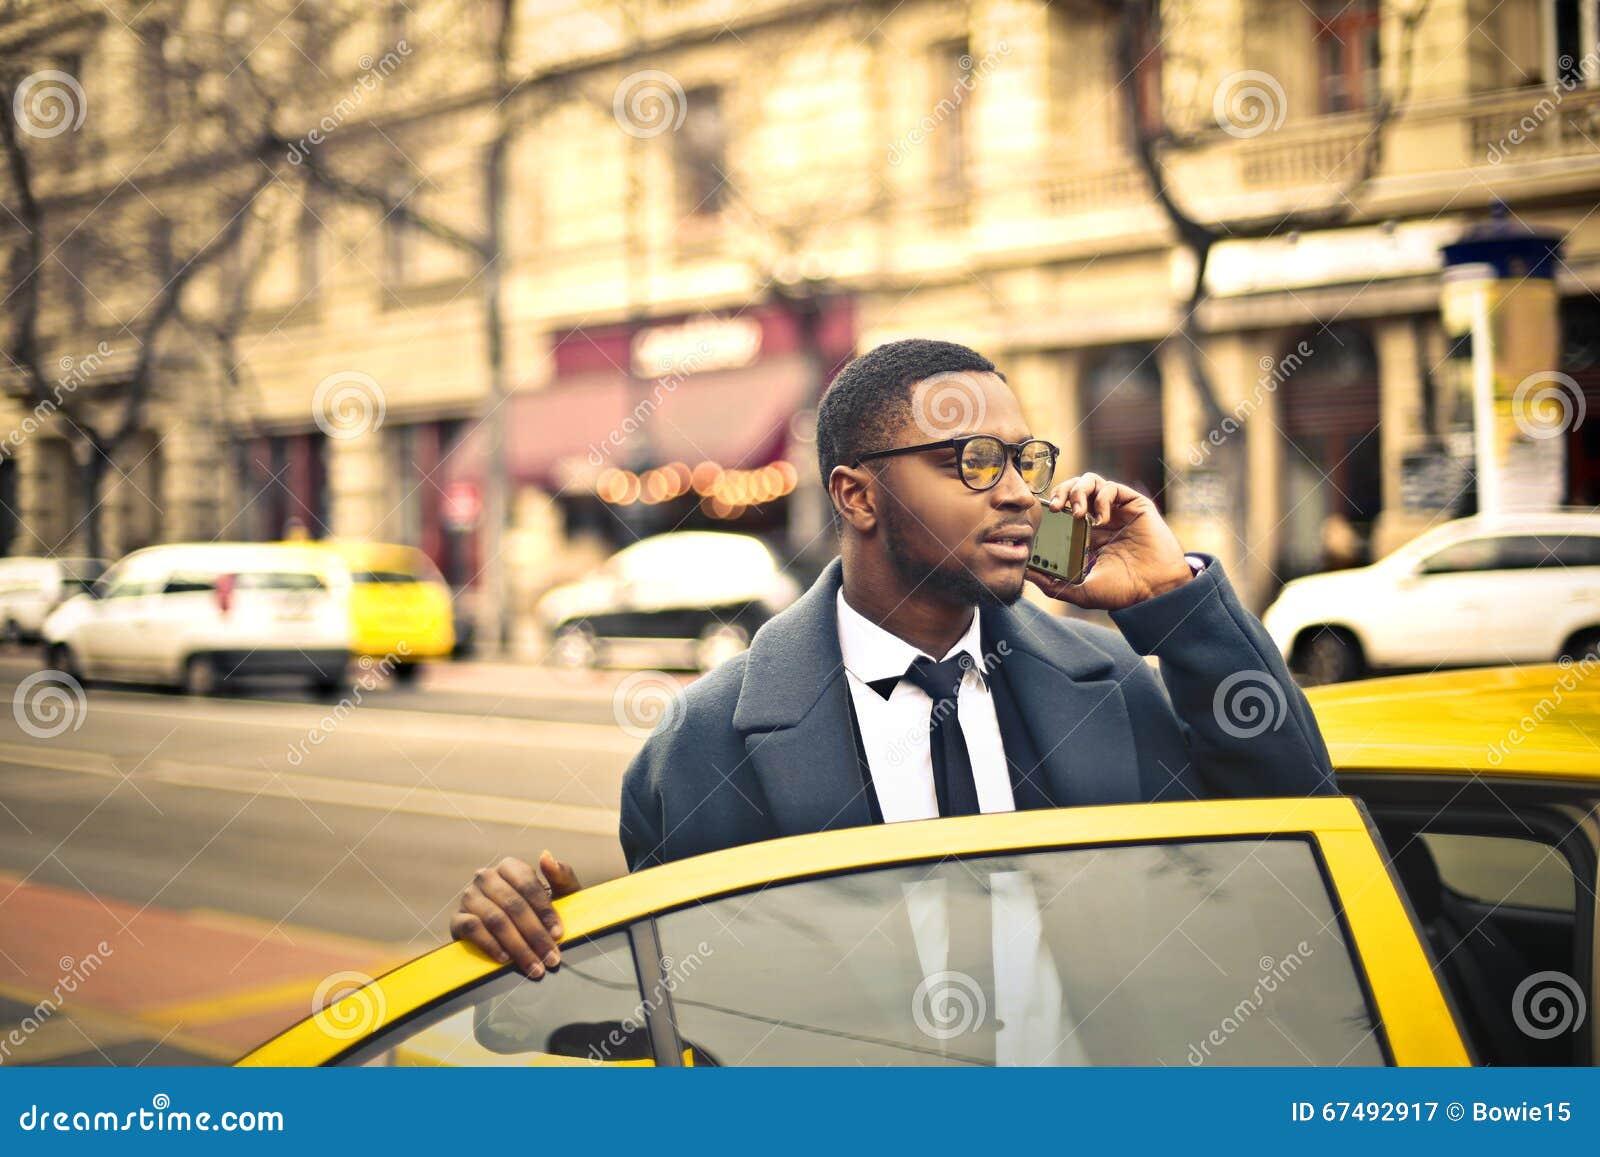 Homem que pega um táxi